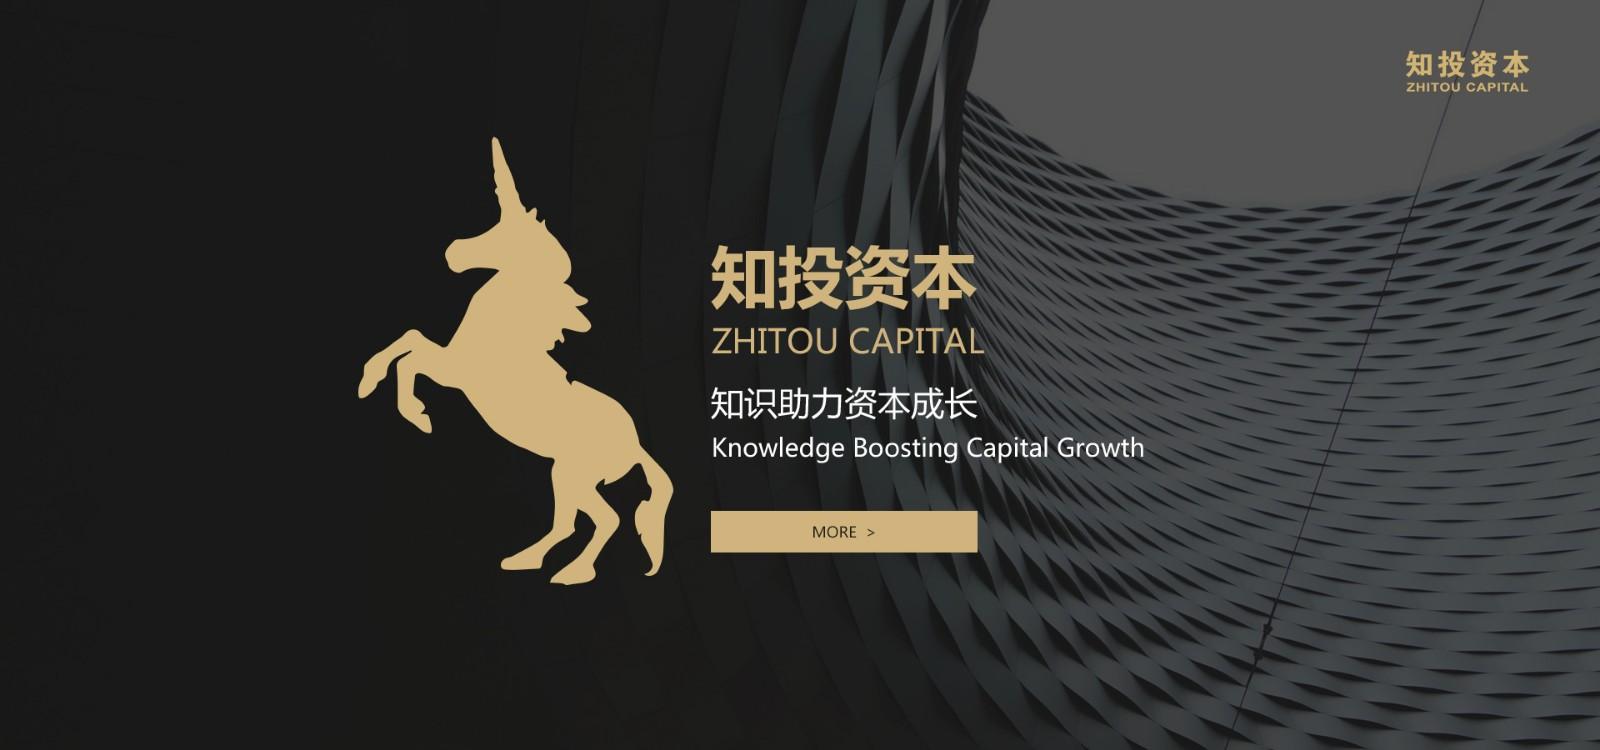 临时股权投资/员工鼓励/知投网